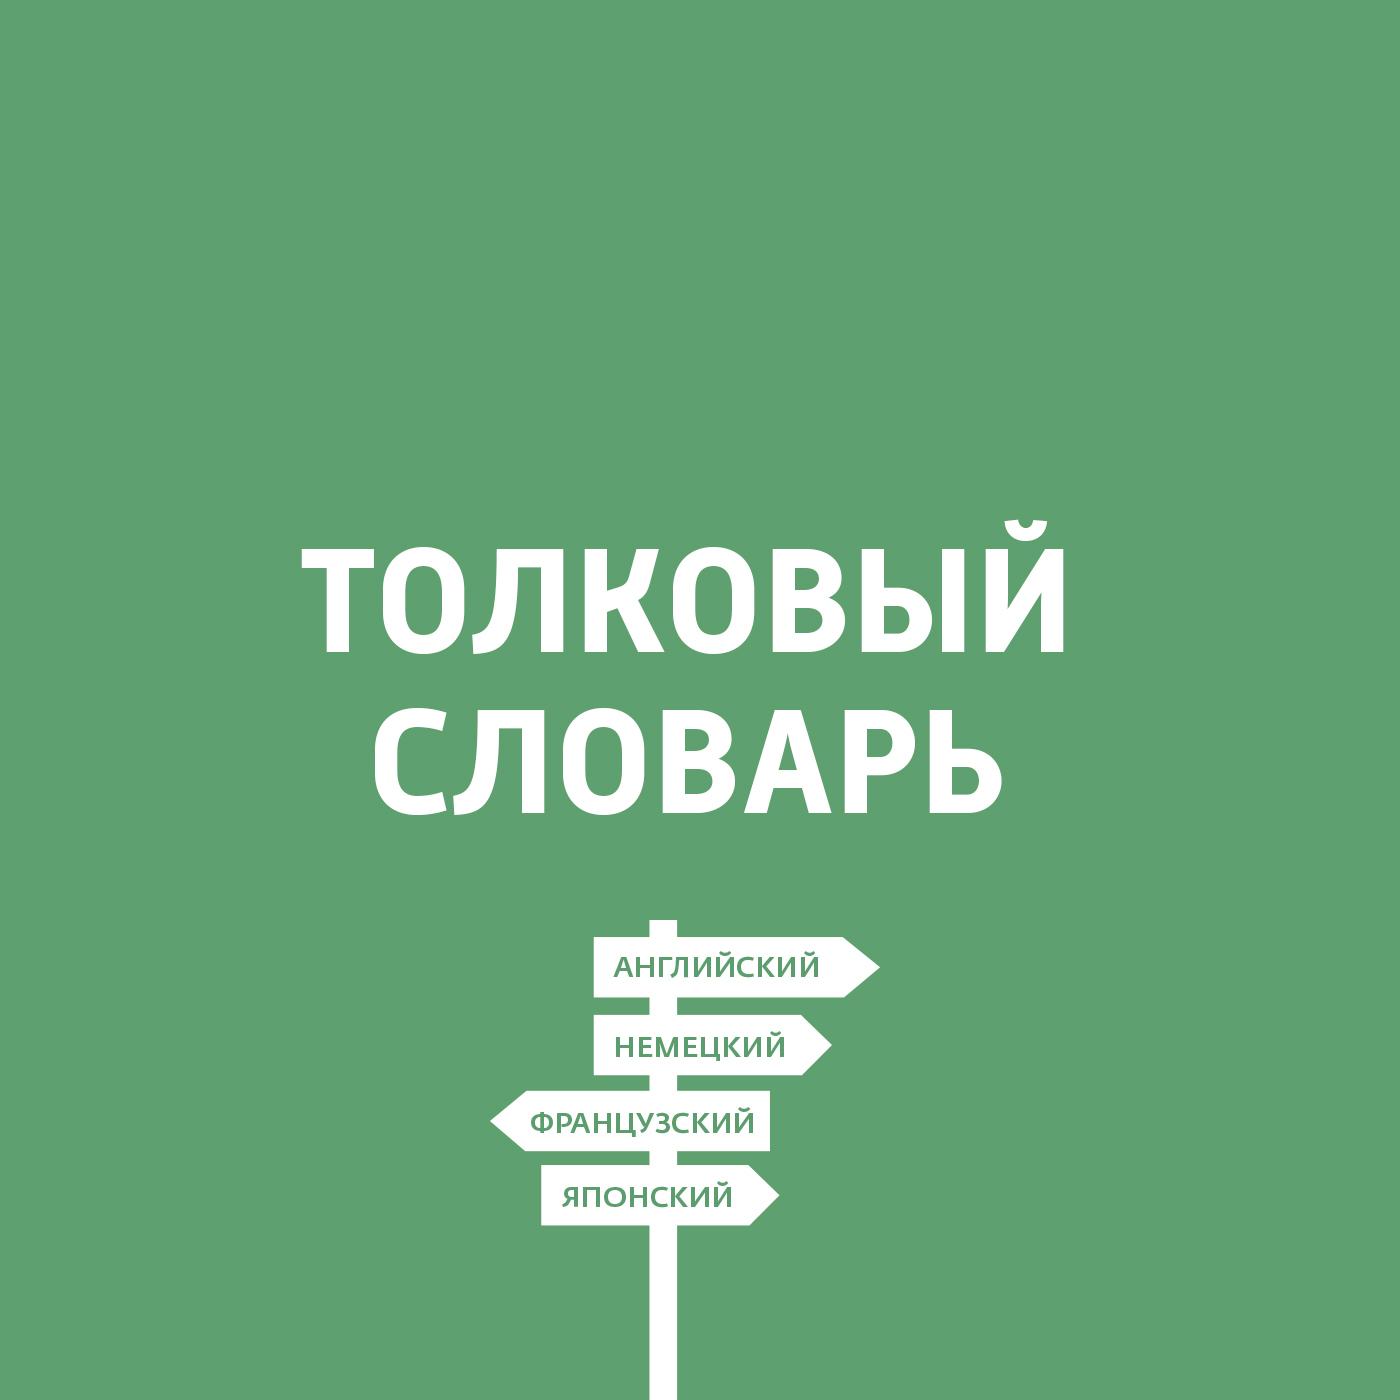 Дмитрий Петров Финский язык дмитрийпреображенский золотые дыхательные методики здоровья